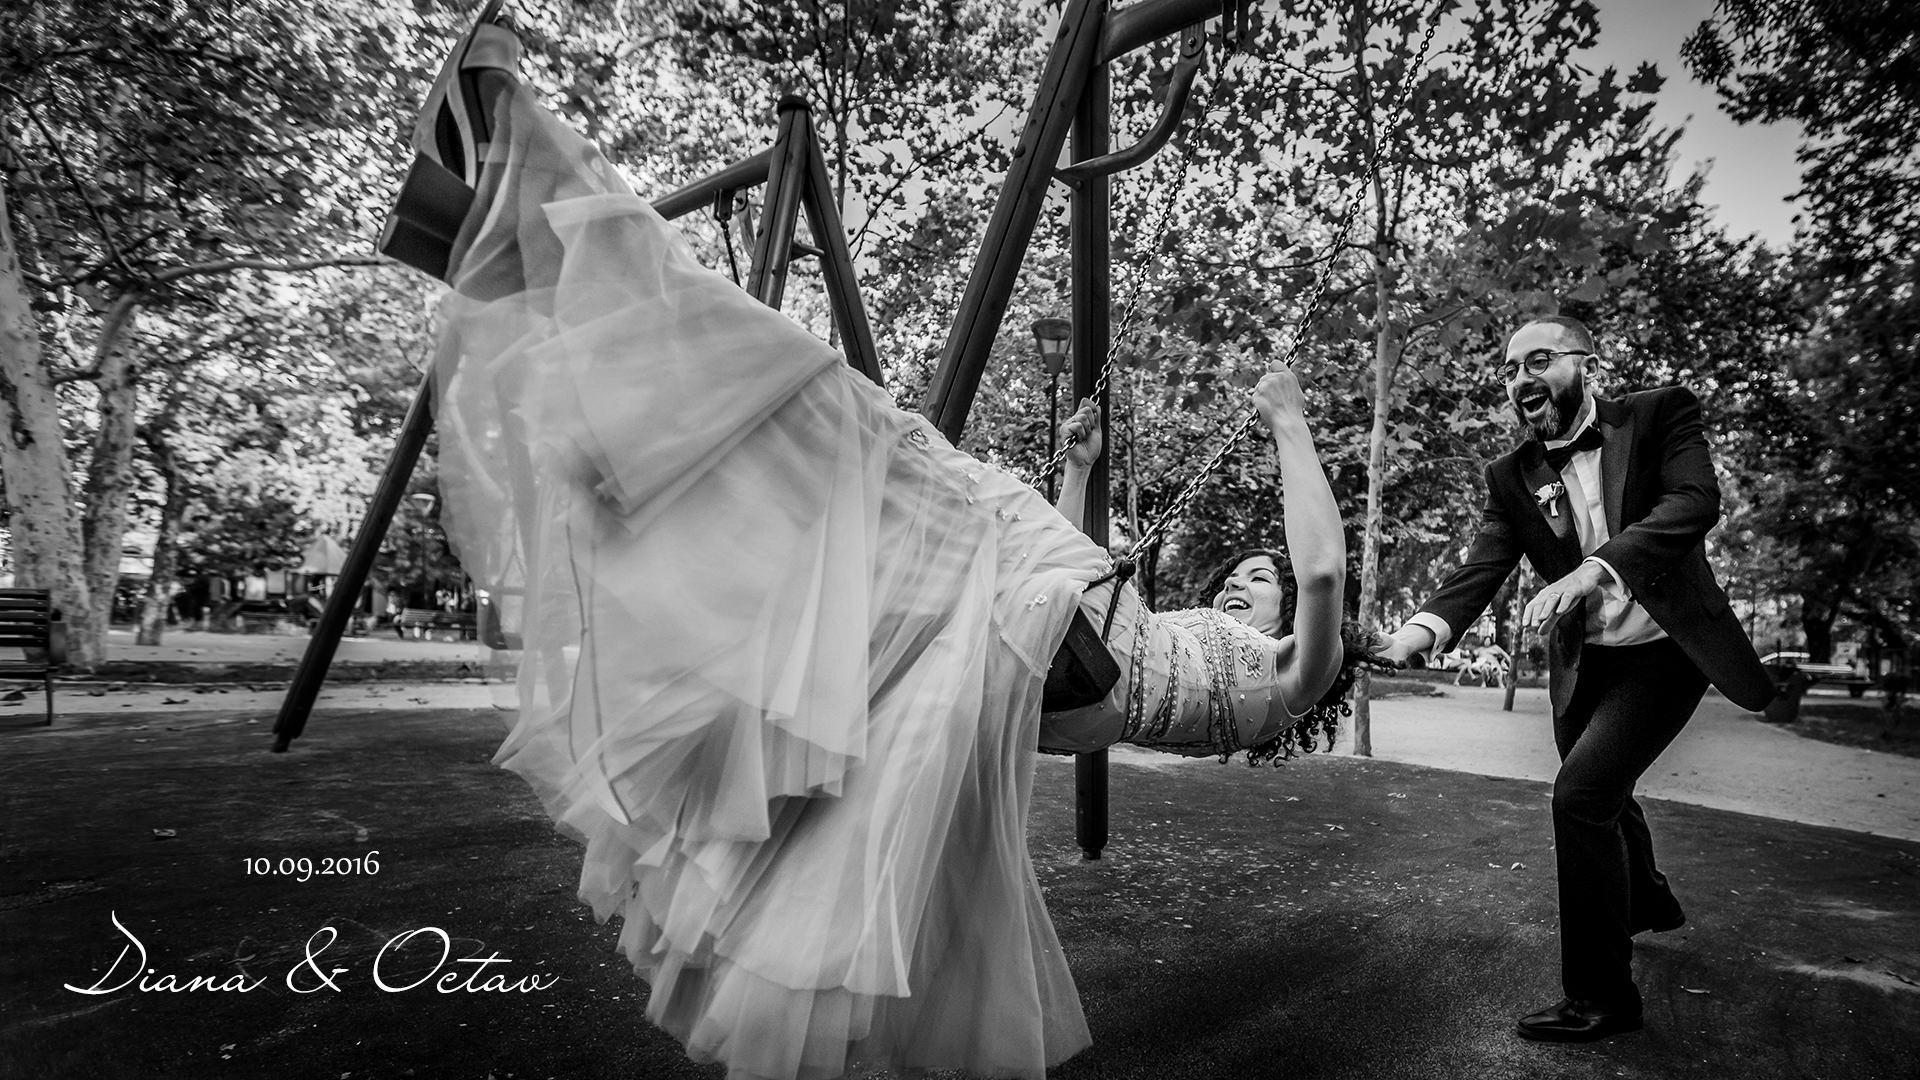 Slideshow De Nuntă – Diana şi Octav (nuntă Bucureşti)